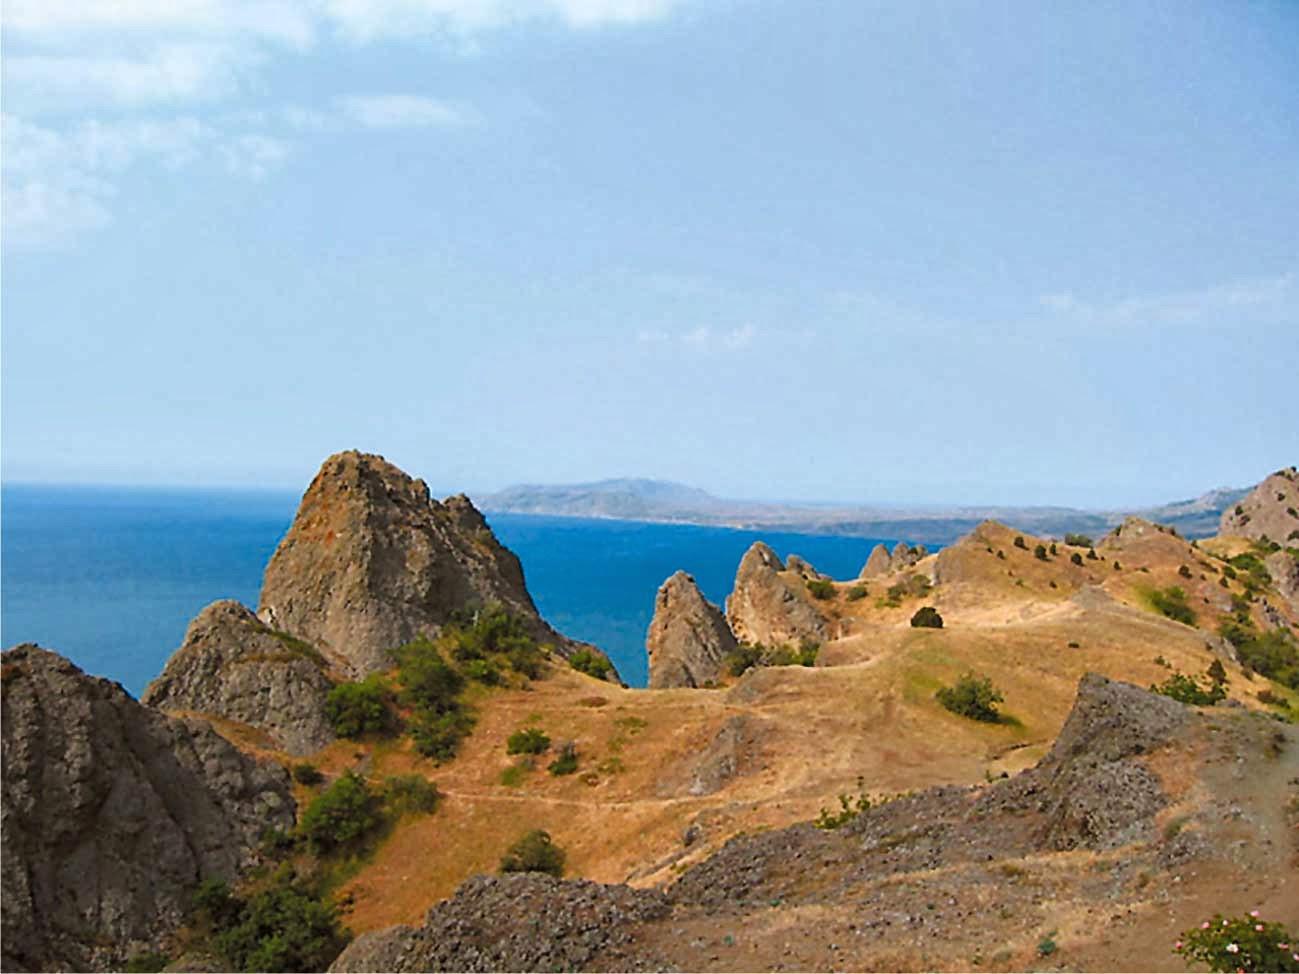 منظر من الساحل الجنوبي لشبه جزيرة القرم